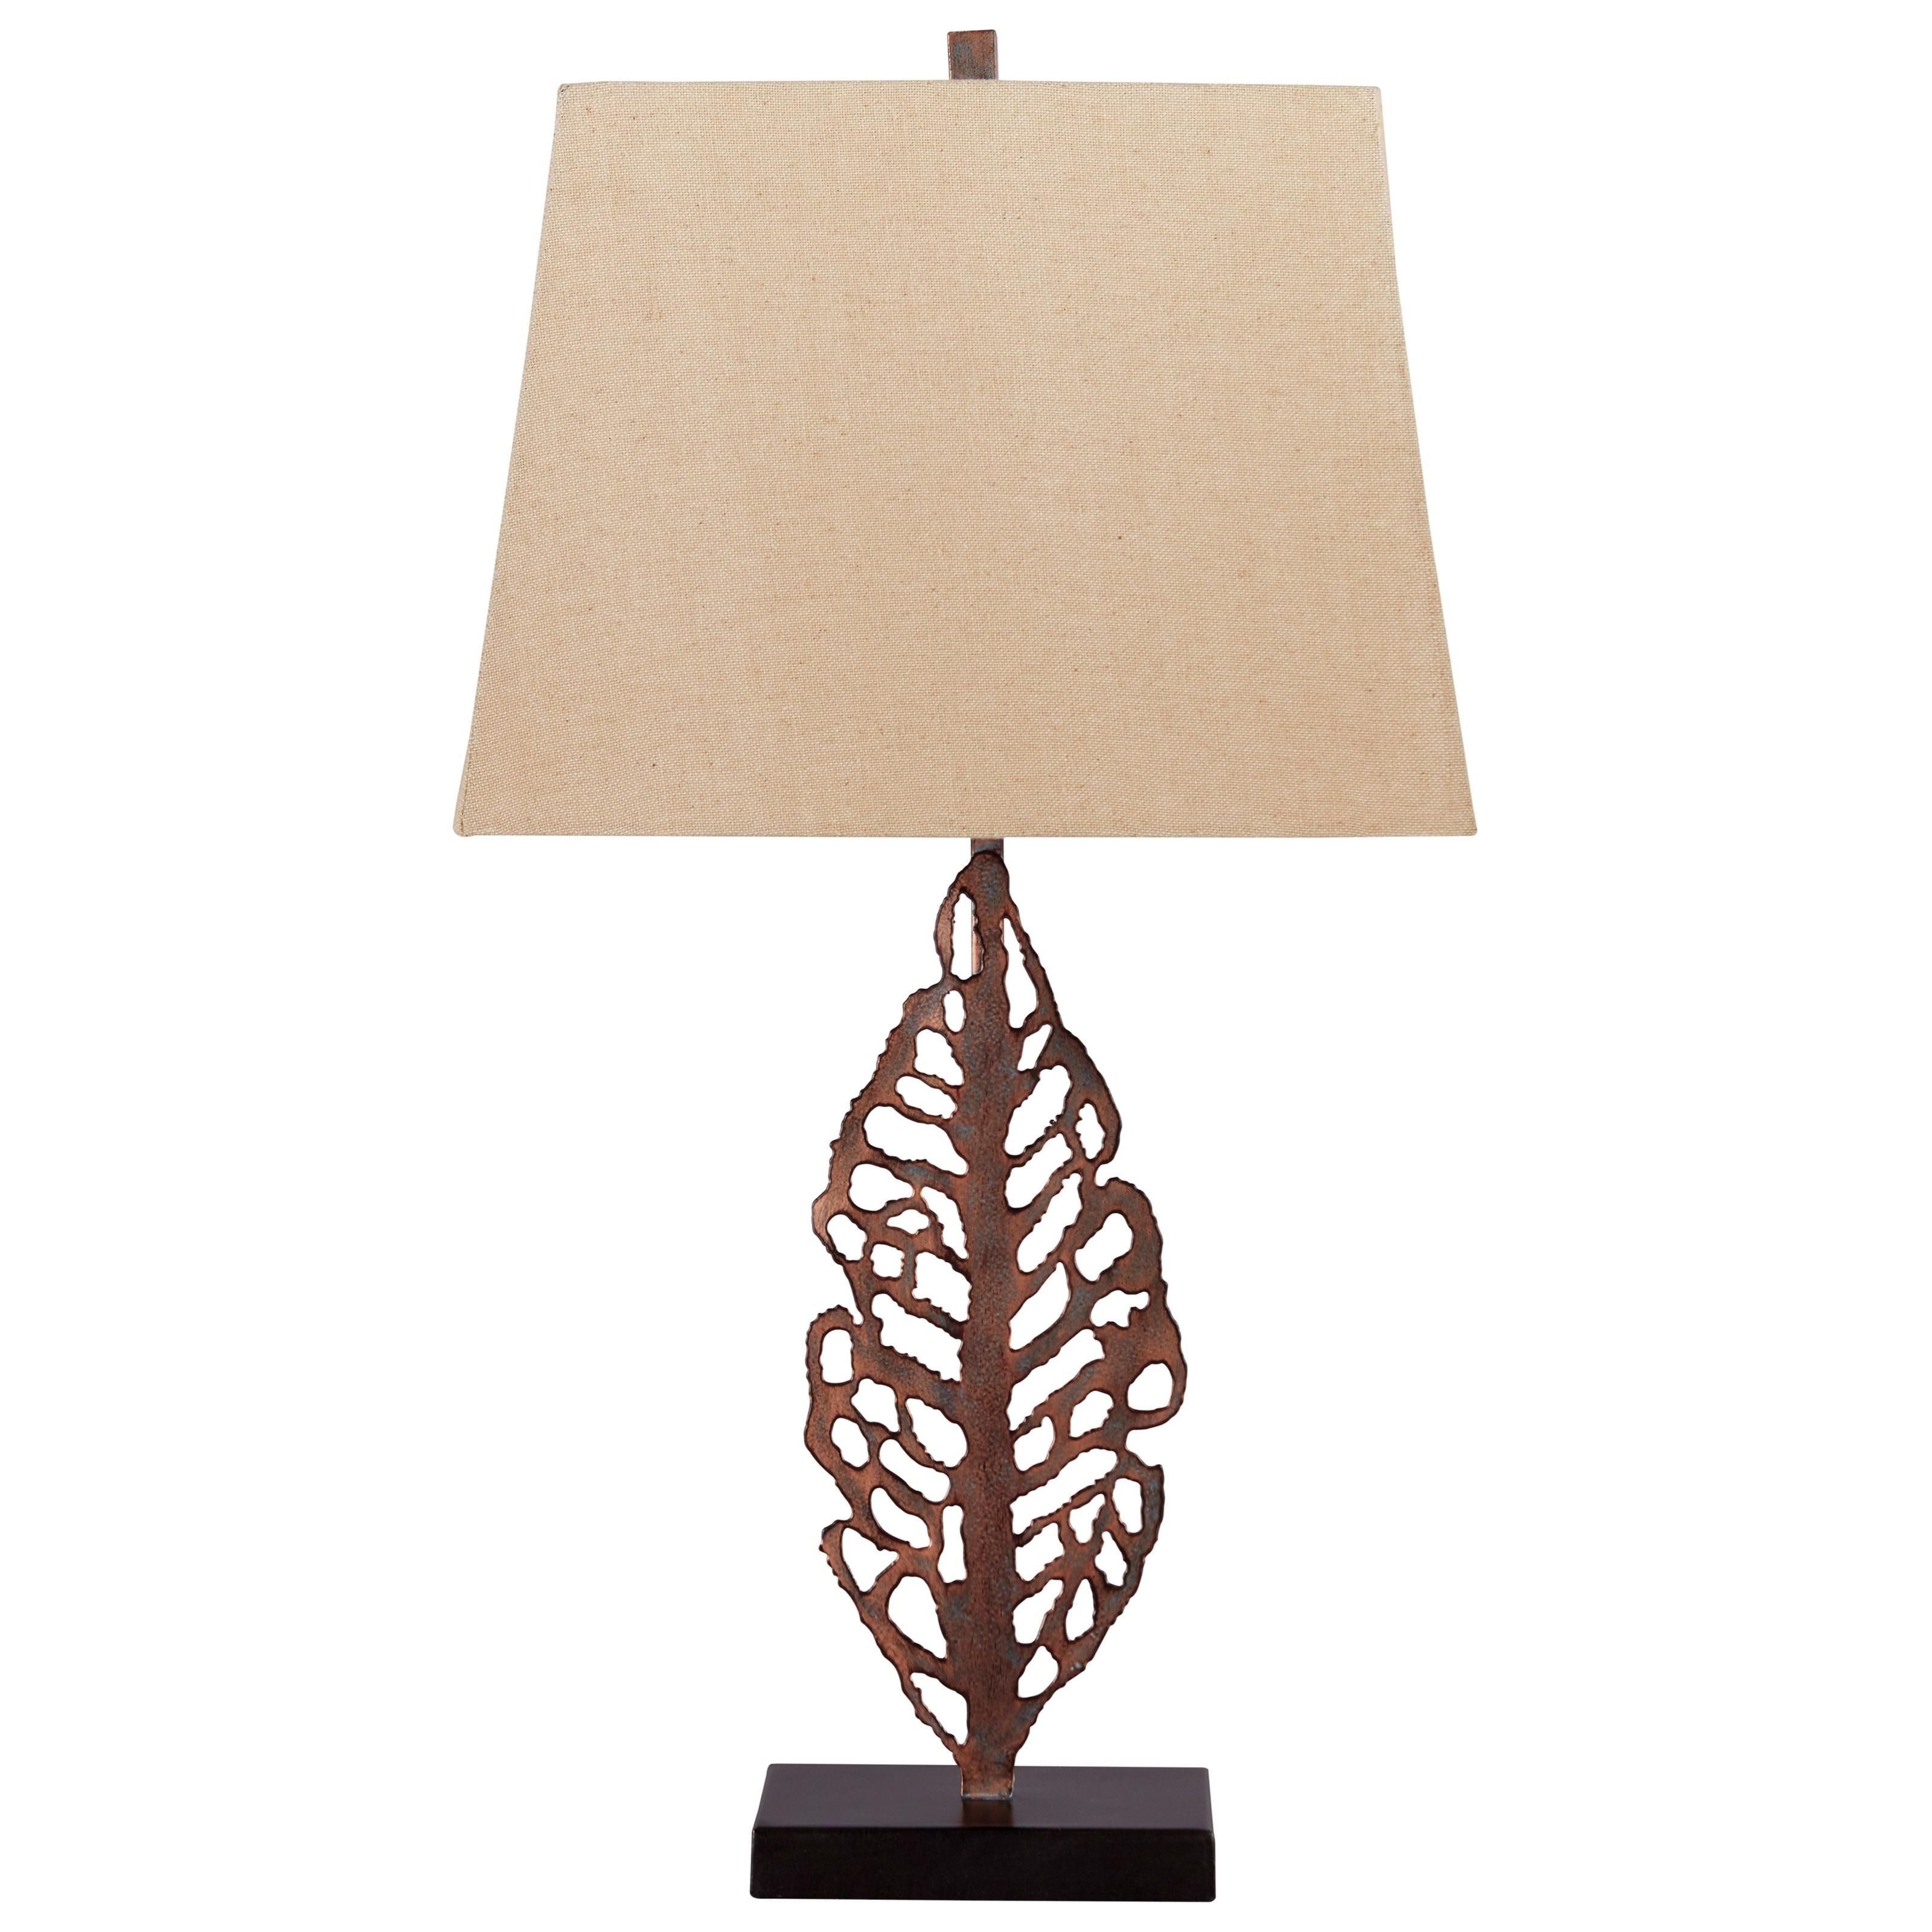 Set of 2 Jolisa Metal Table Lamps